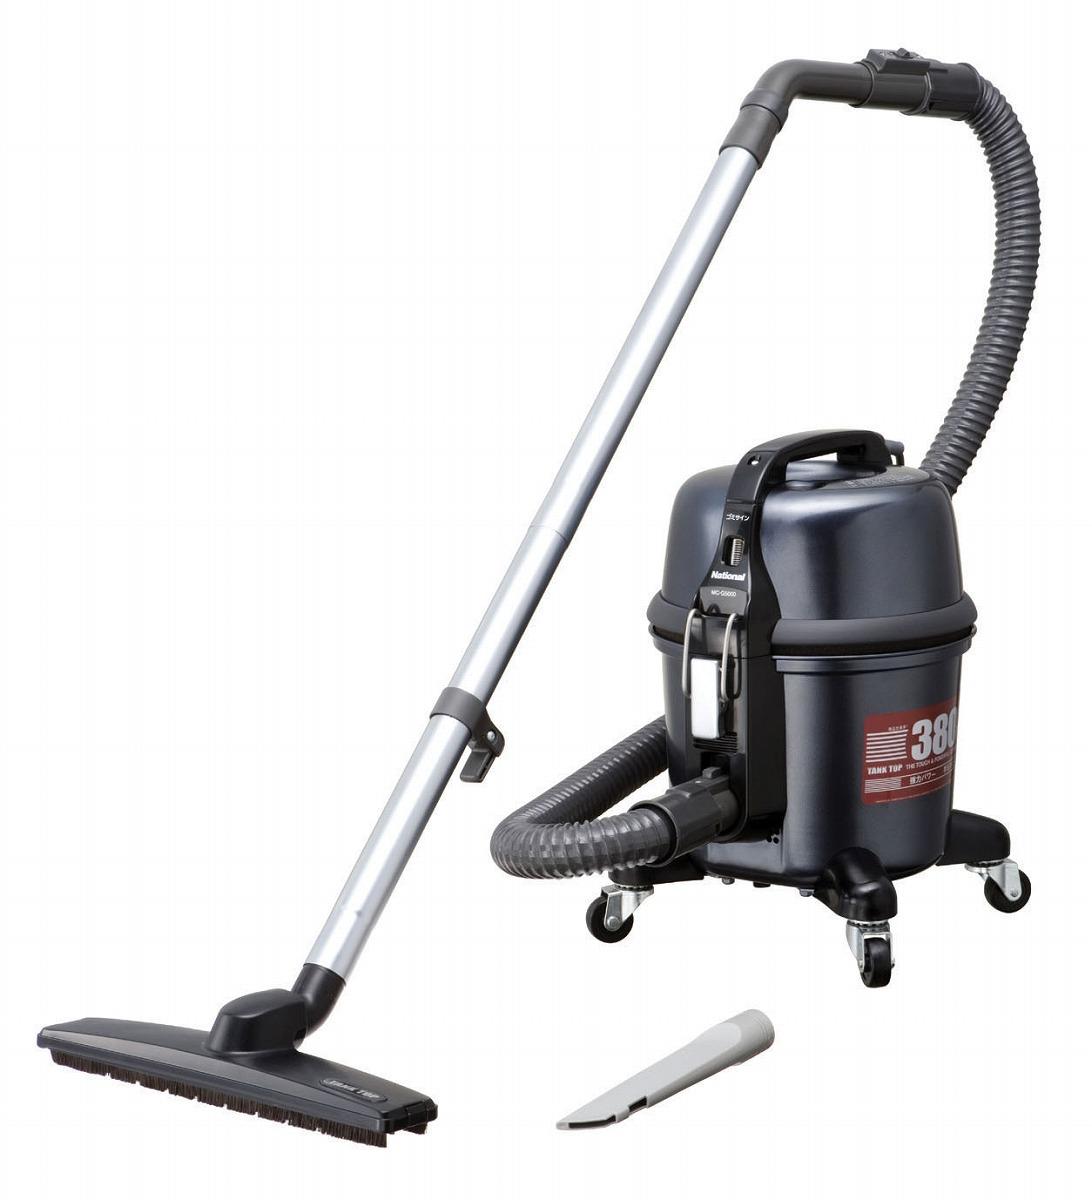 パナソニック 業務用掃除機MC-G5000P(乾式)